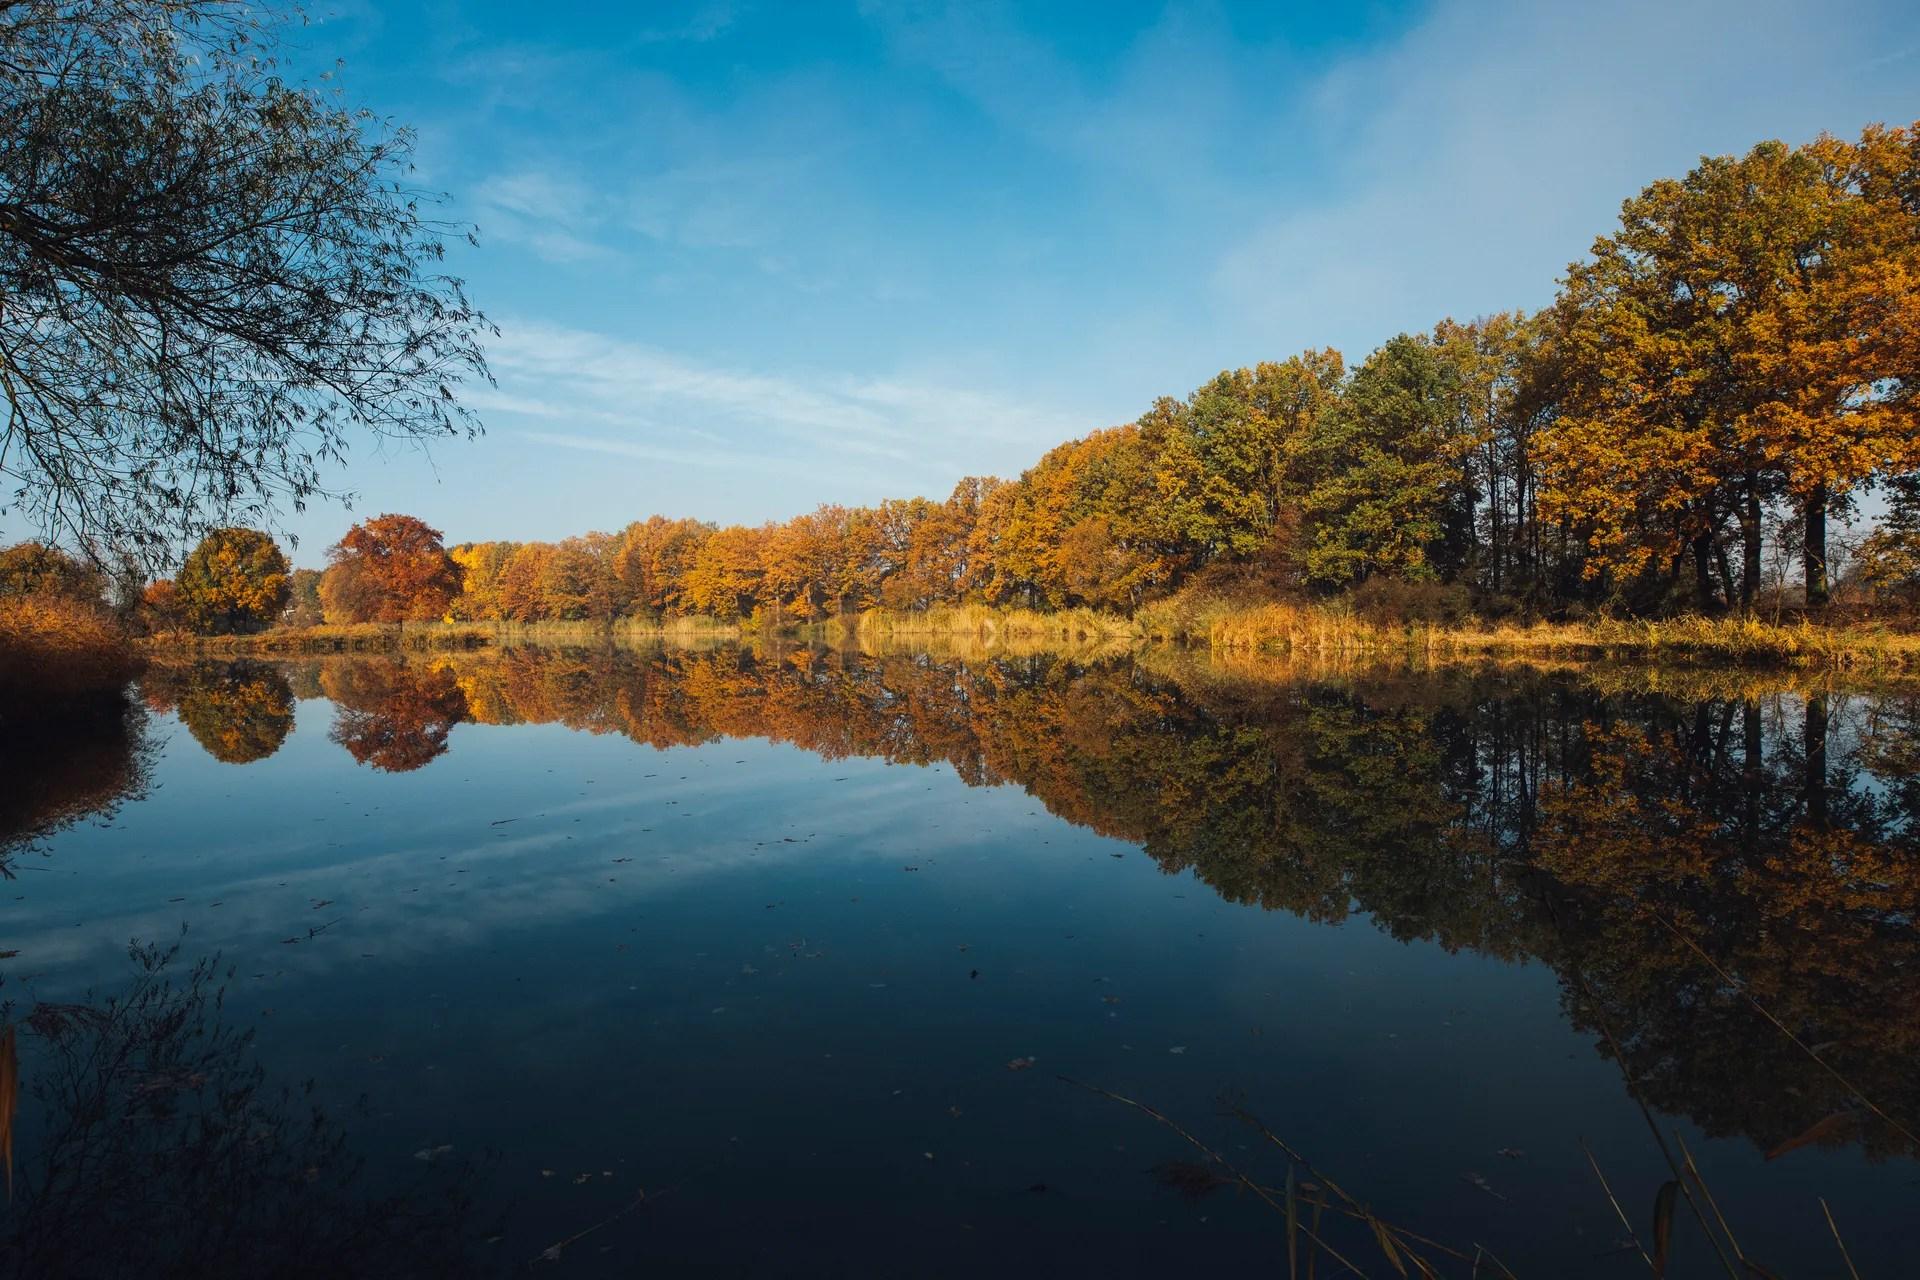 Disney World Fall Wallpaper Magician S Fireworks Epcot Walt Disney World Widescreen